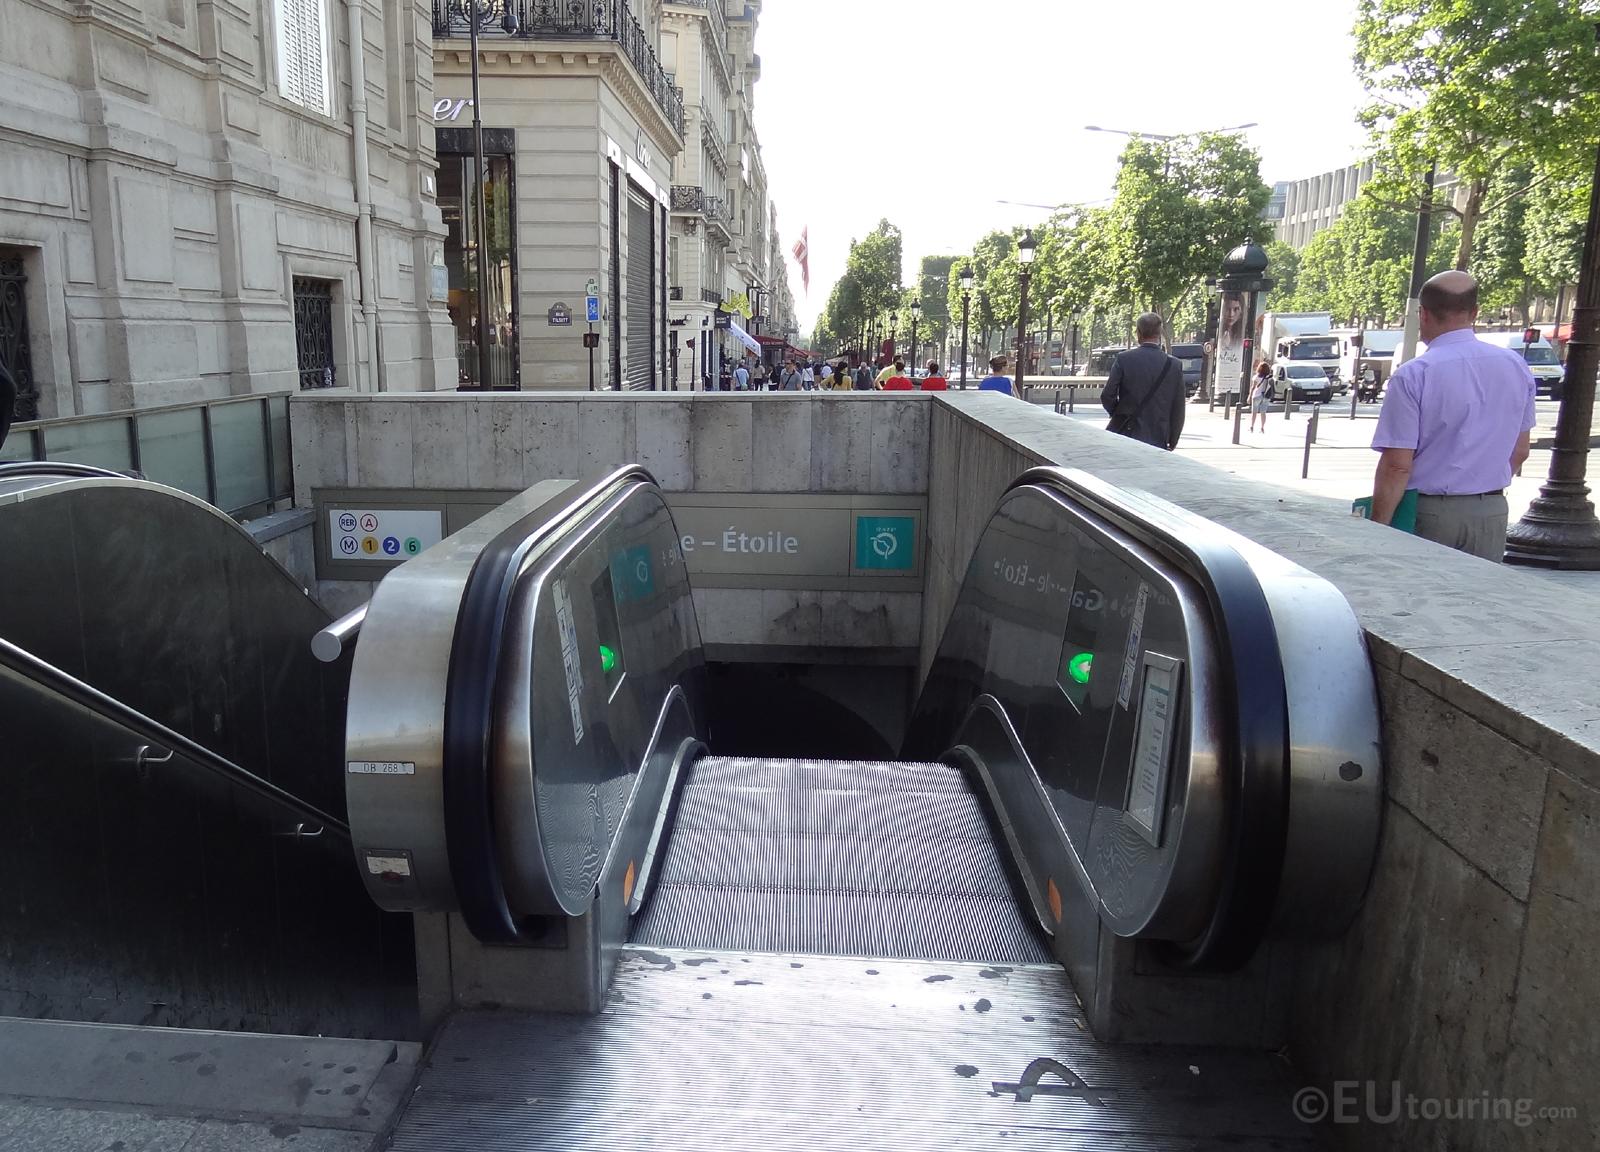 Entrance to the Paris Metro